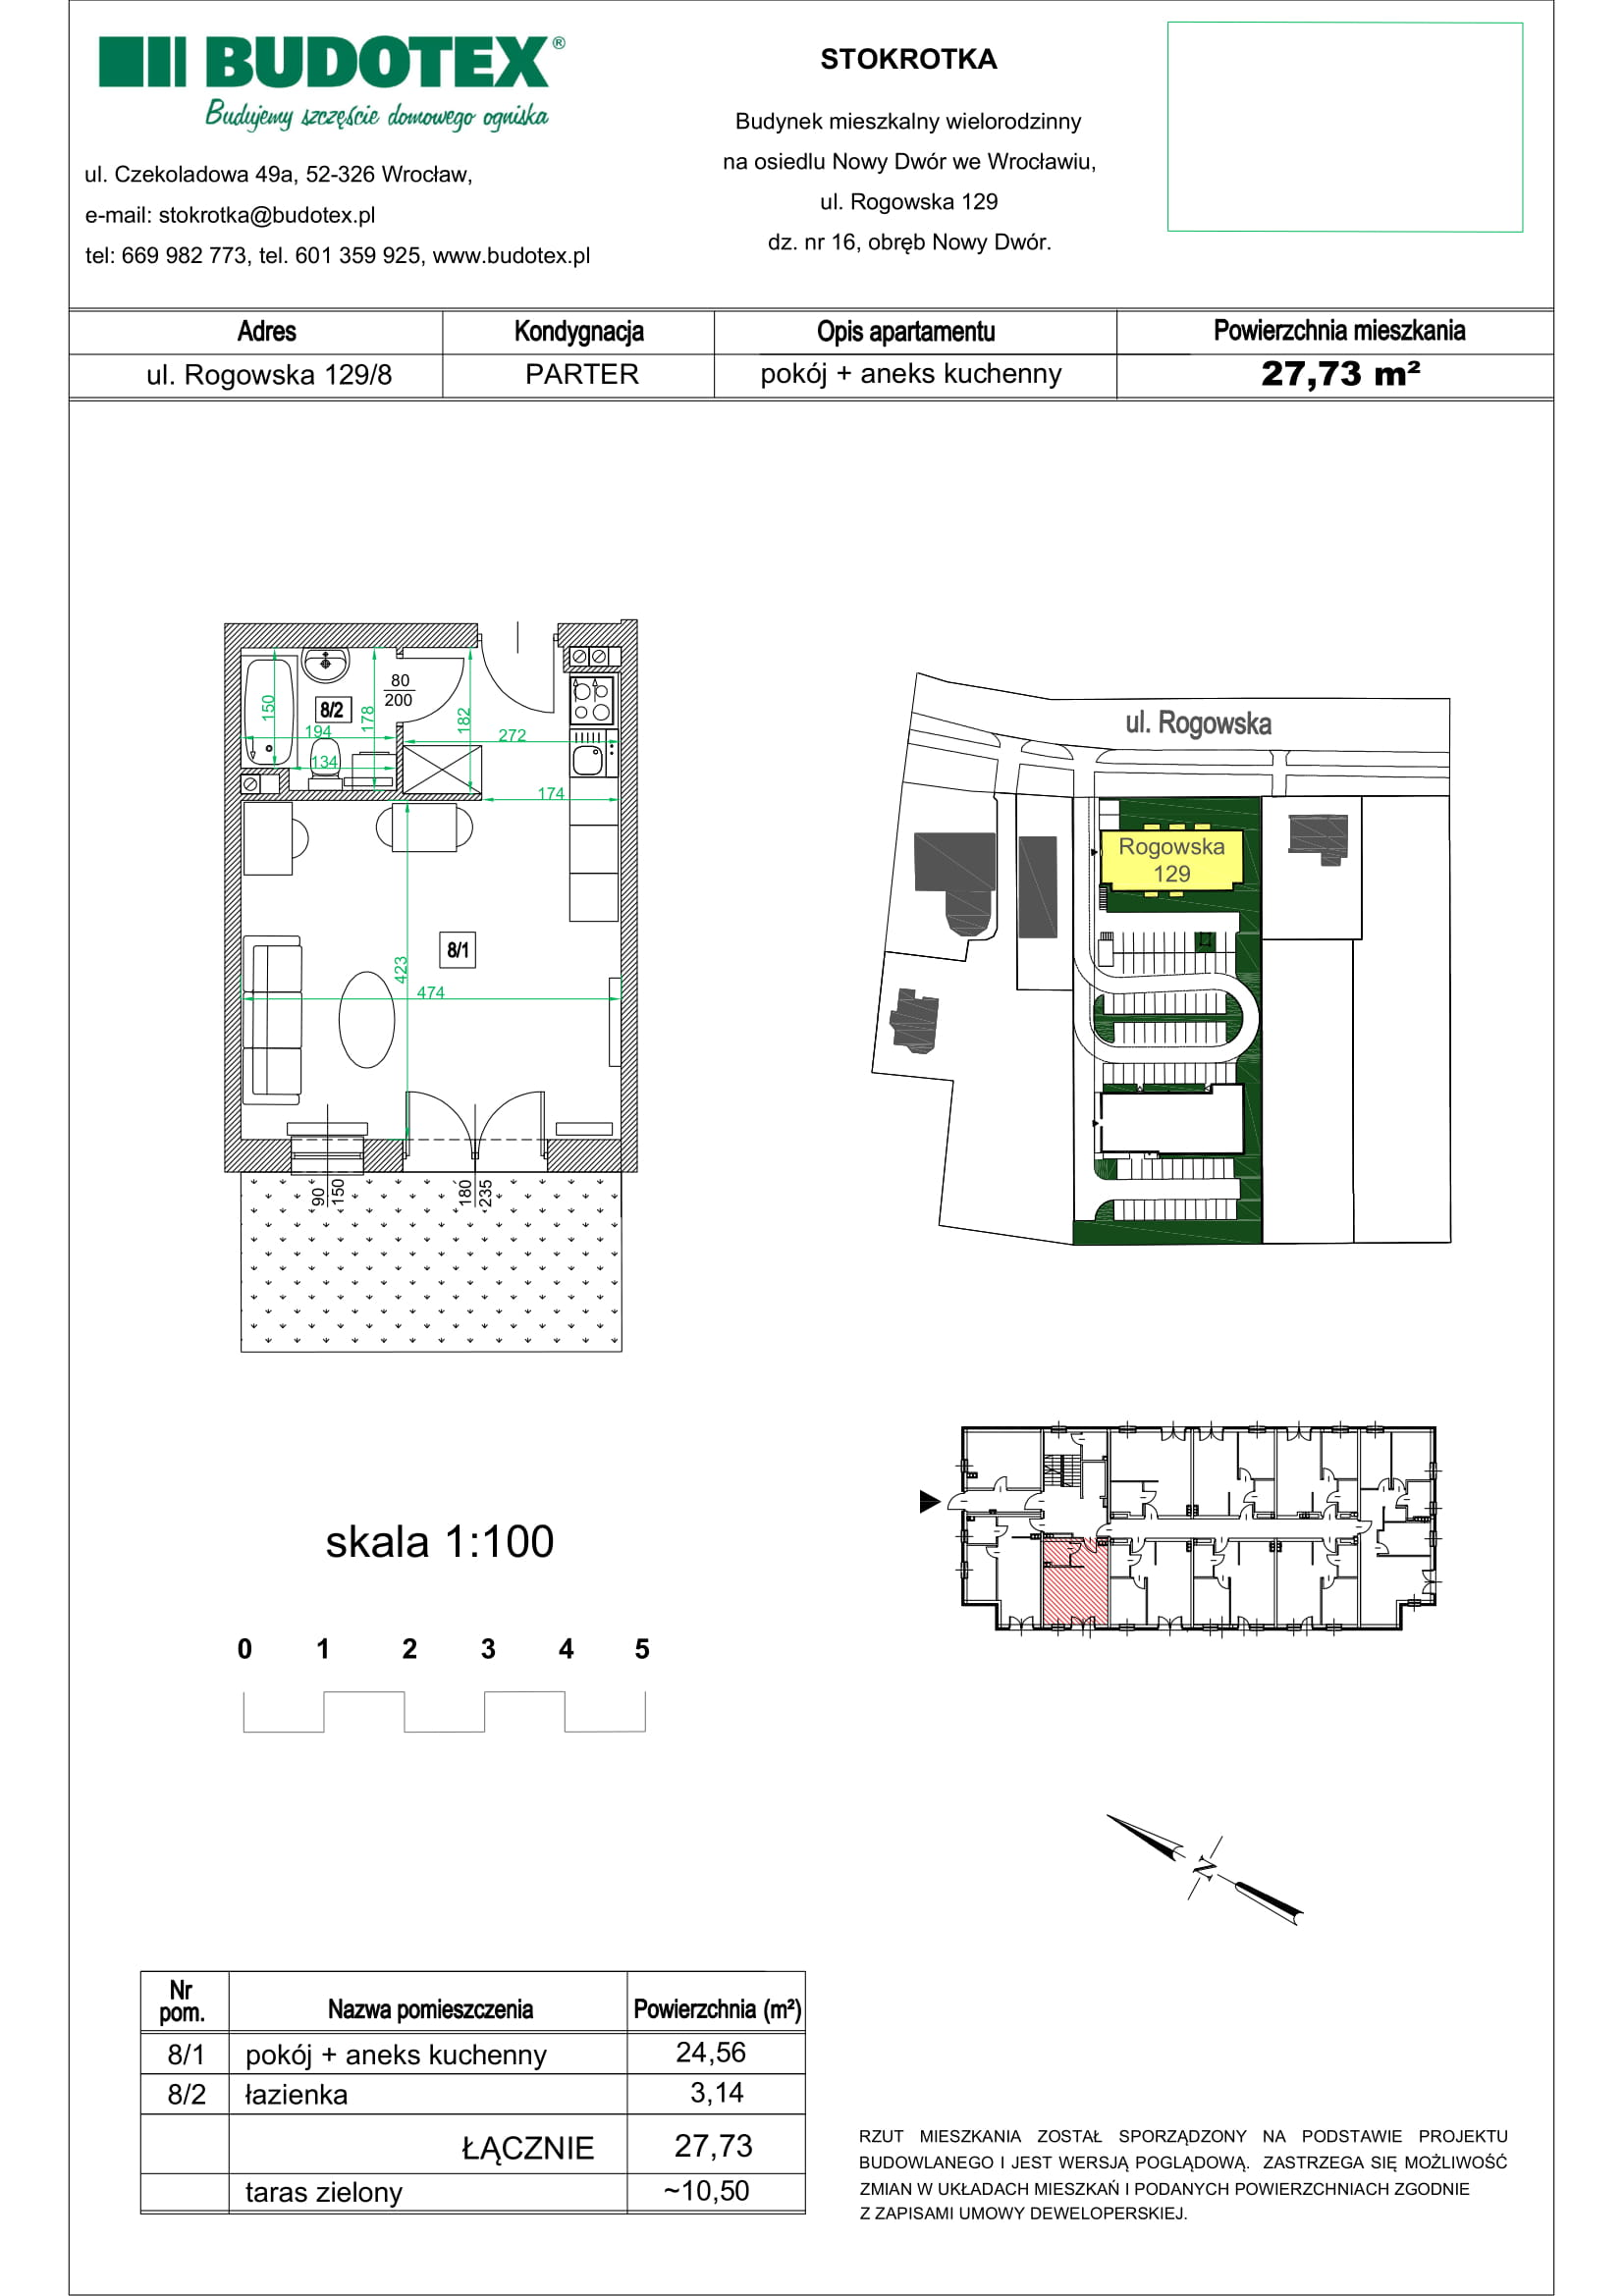 Mieszkanie nr 08